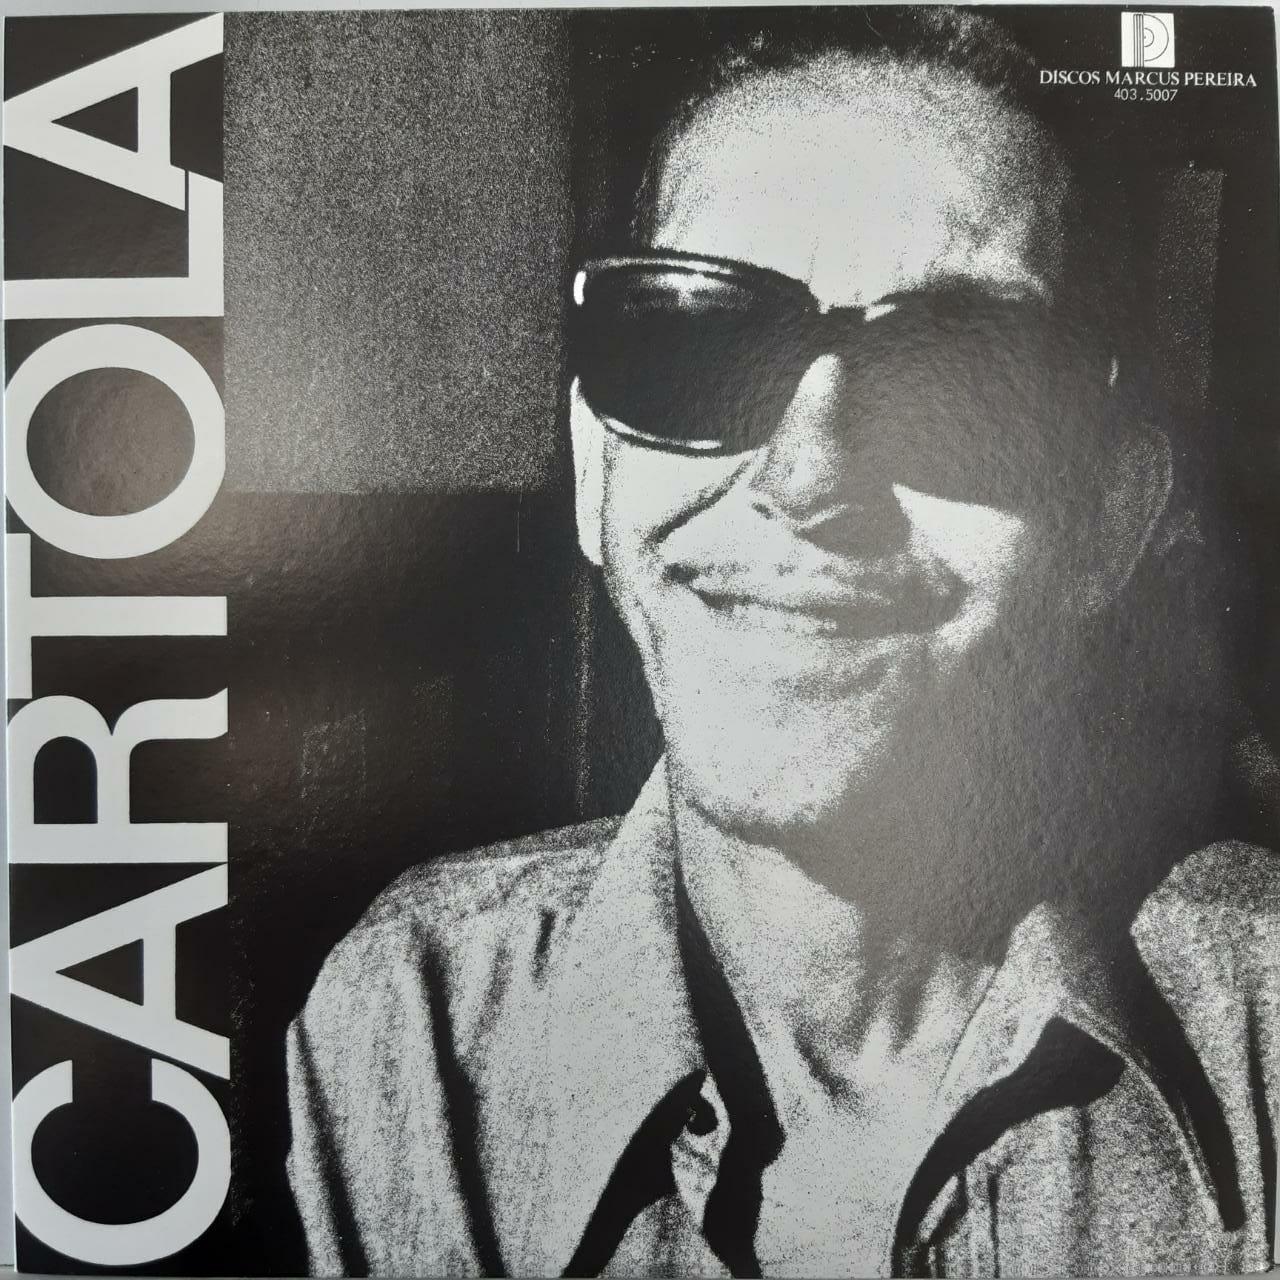 Lp Vinil Cartola 1974 NÃO LACRADO